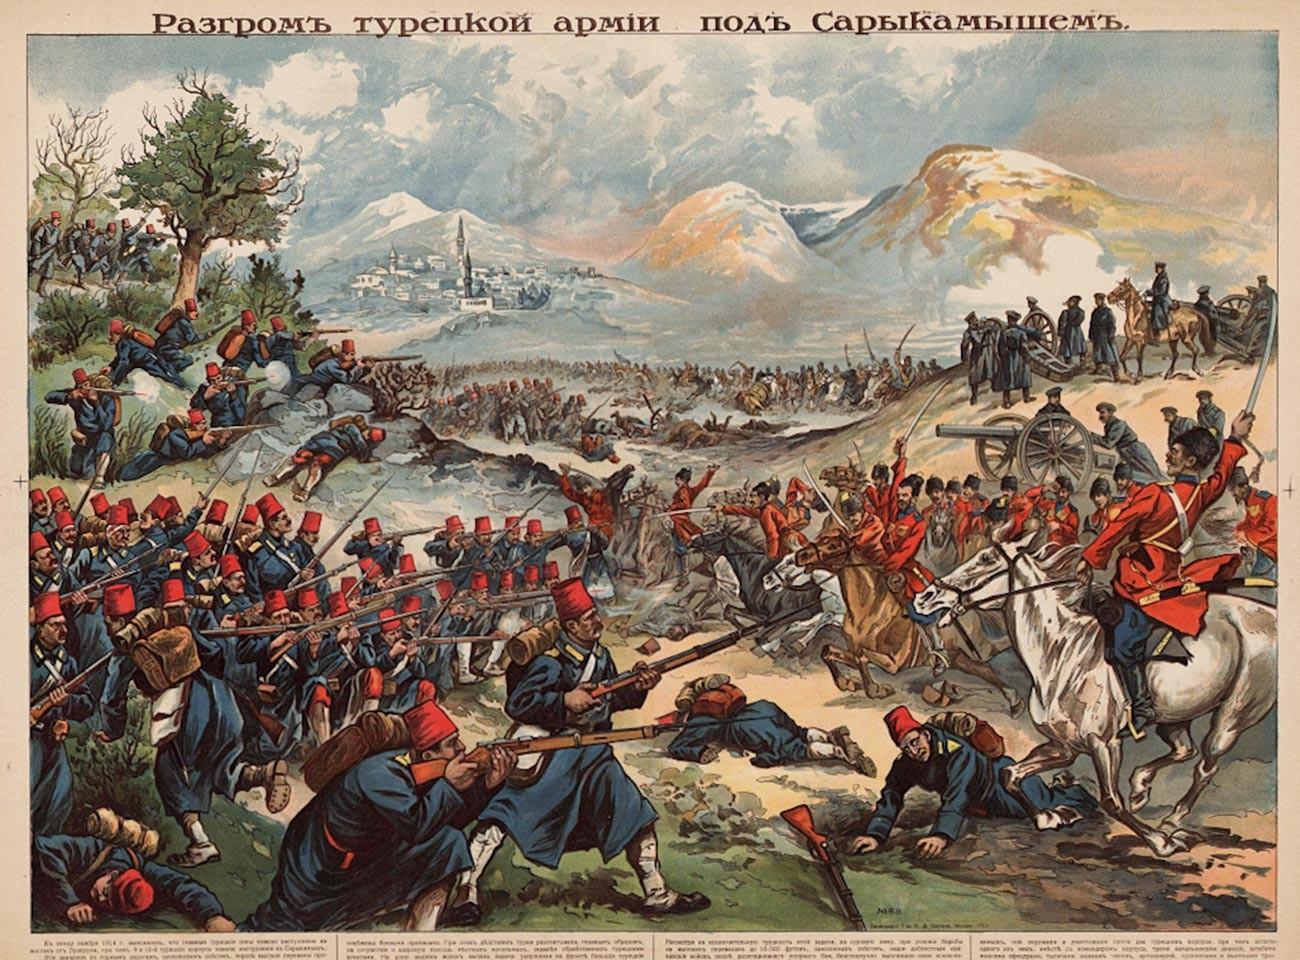 Руски плакат са приказаном победом руске армије у бици код Сарикамиша.